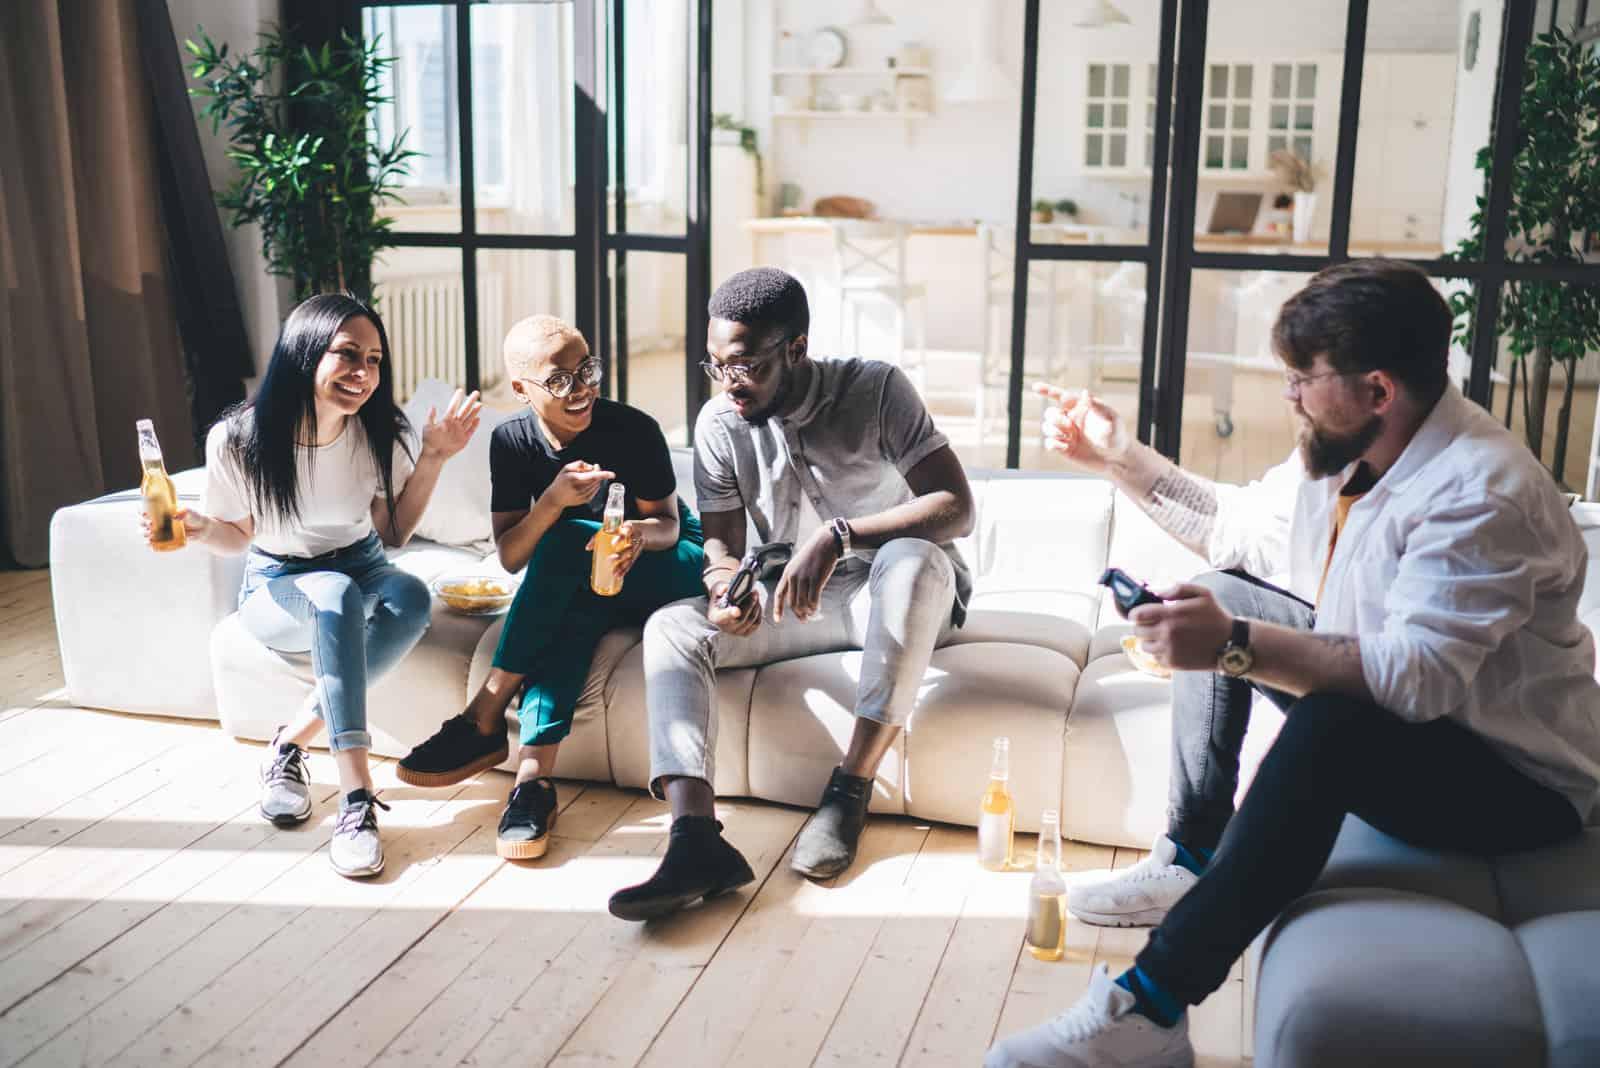 des amis s'assoient dans la maison et parlent